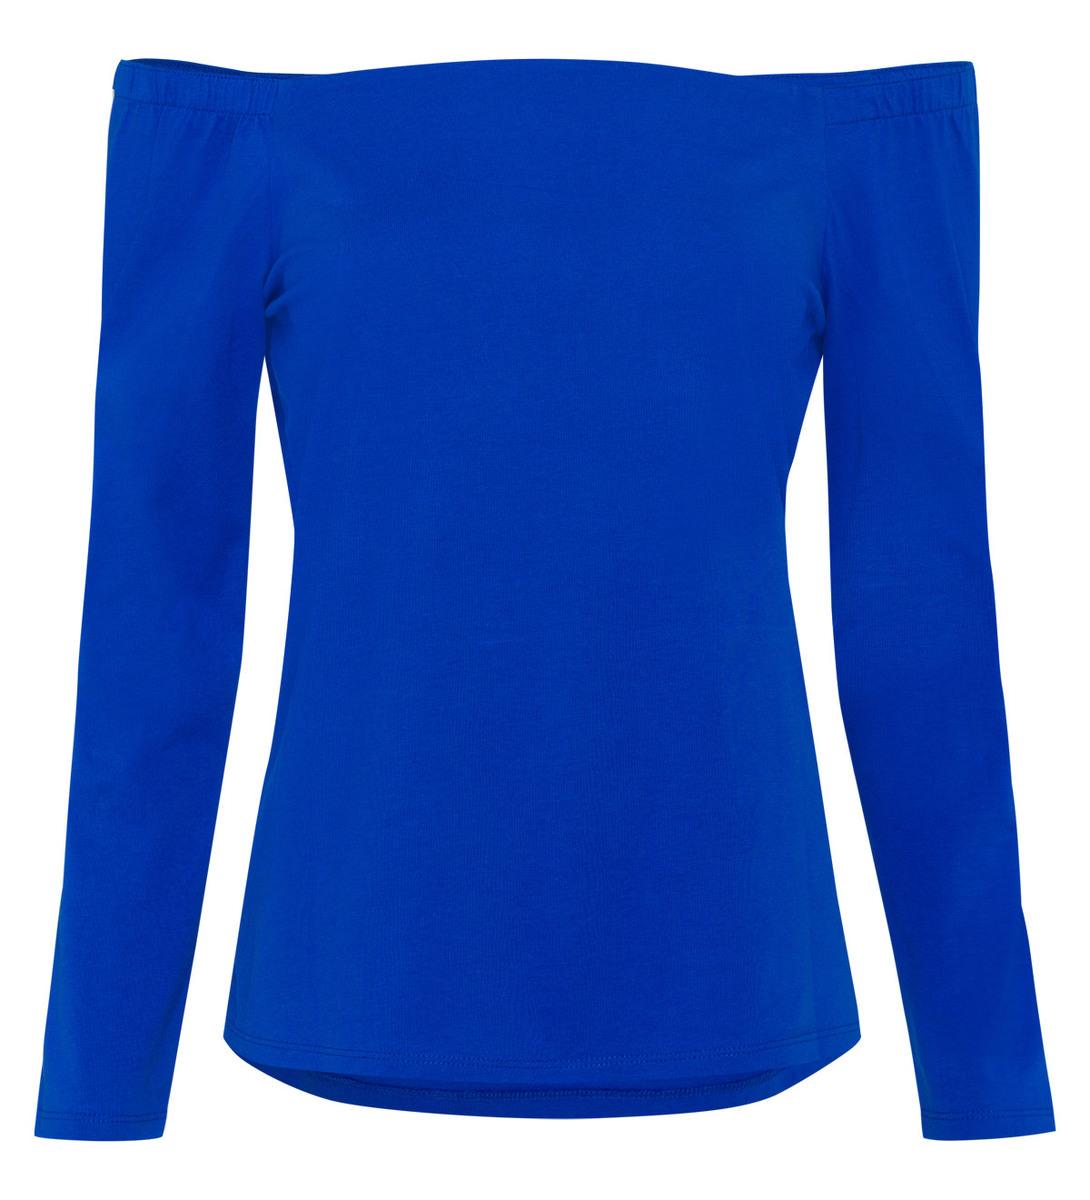 T-Shirt mit U-Boot-Ausschnitt in cobalt blue